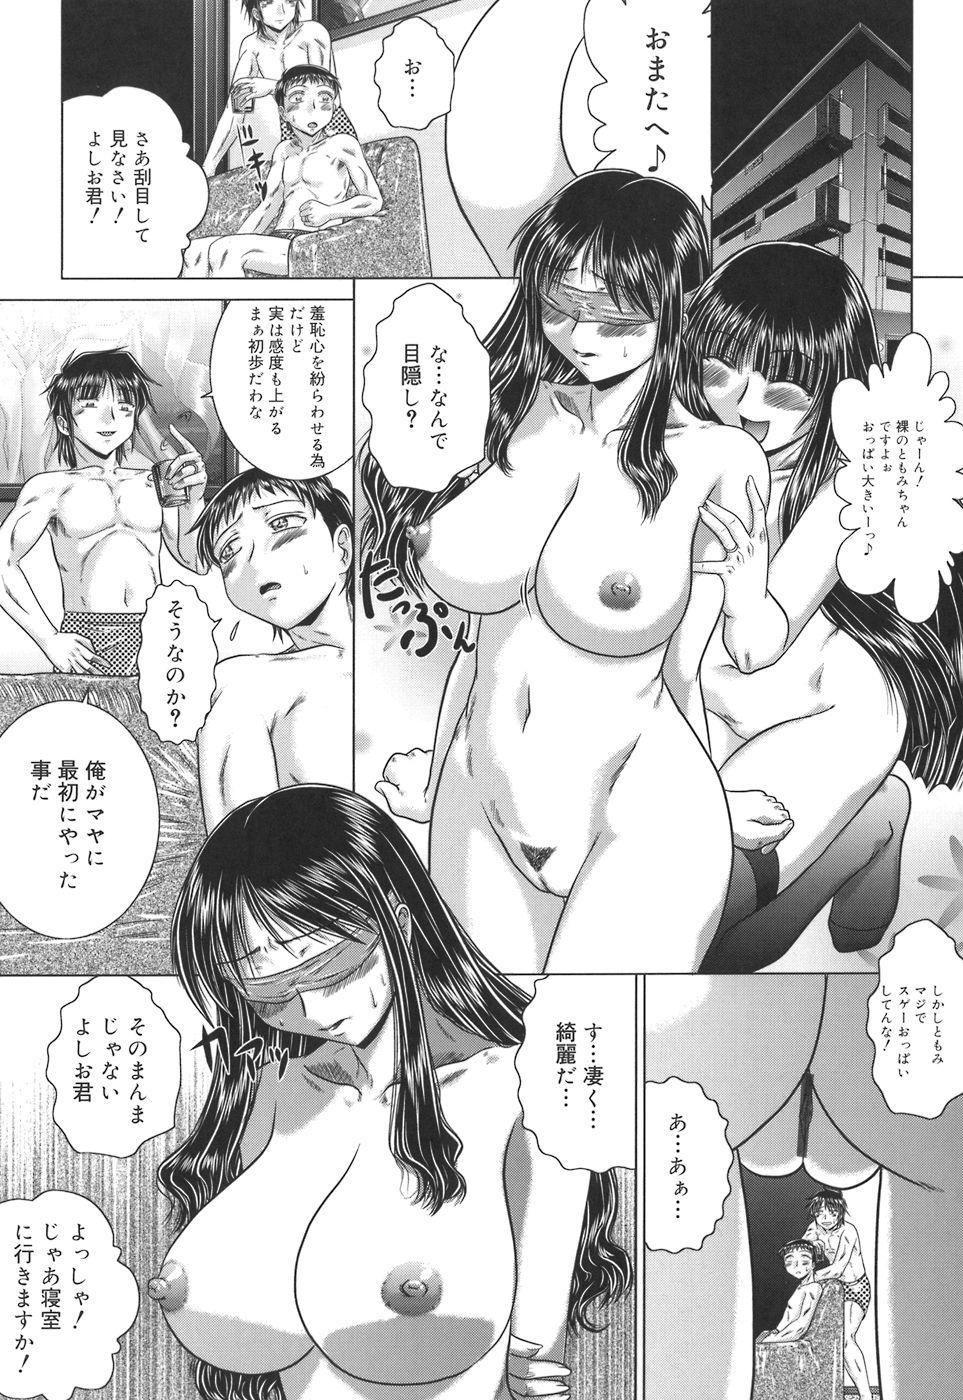 Iroka no Himitsu 144